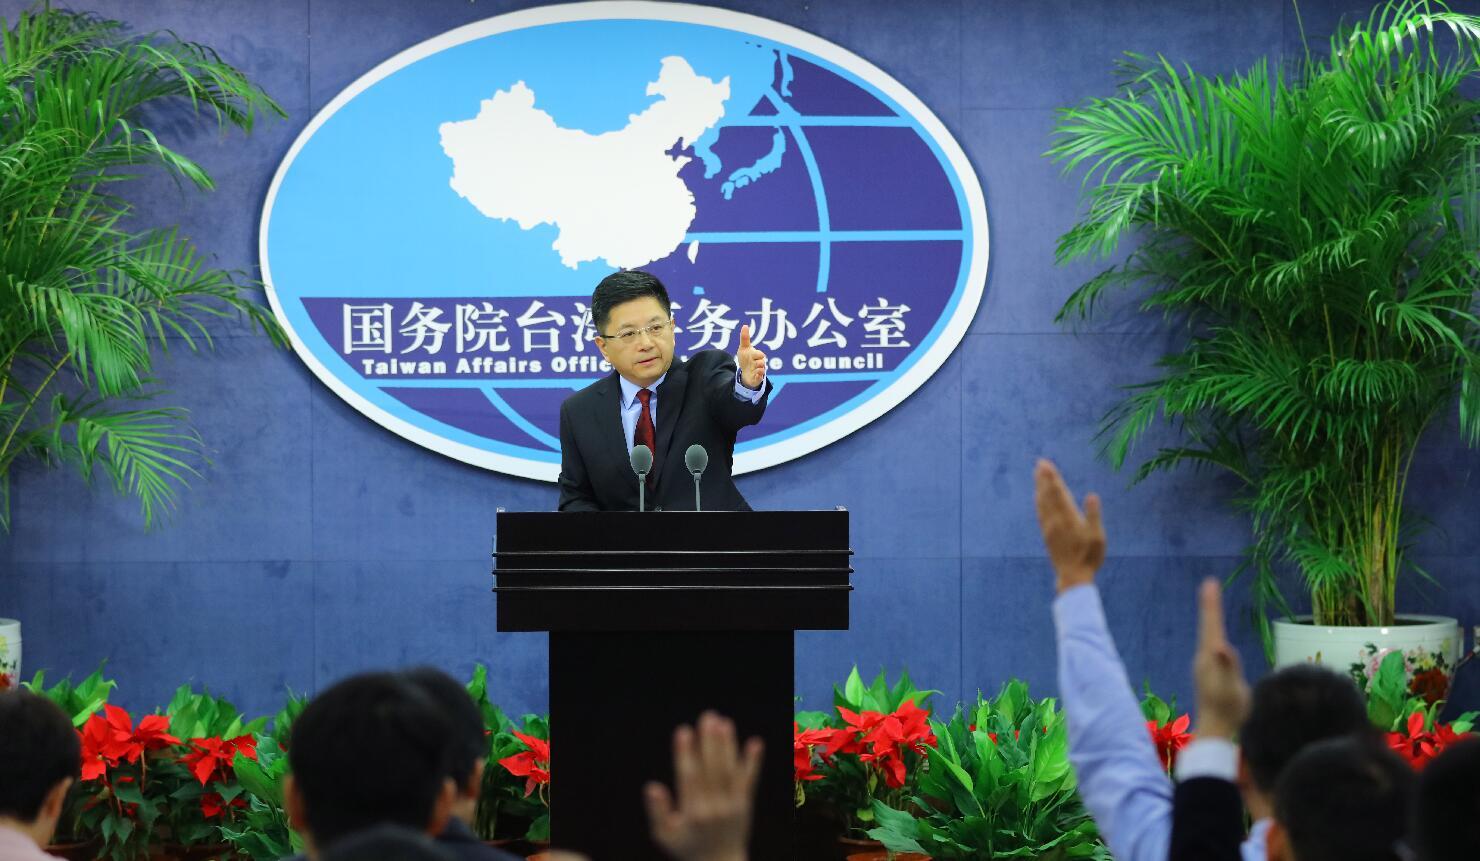 國台辦發言人馬曉光警告台灣民進黨,立即縮回伸向香港的「黑手」。